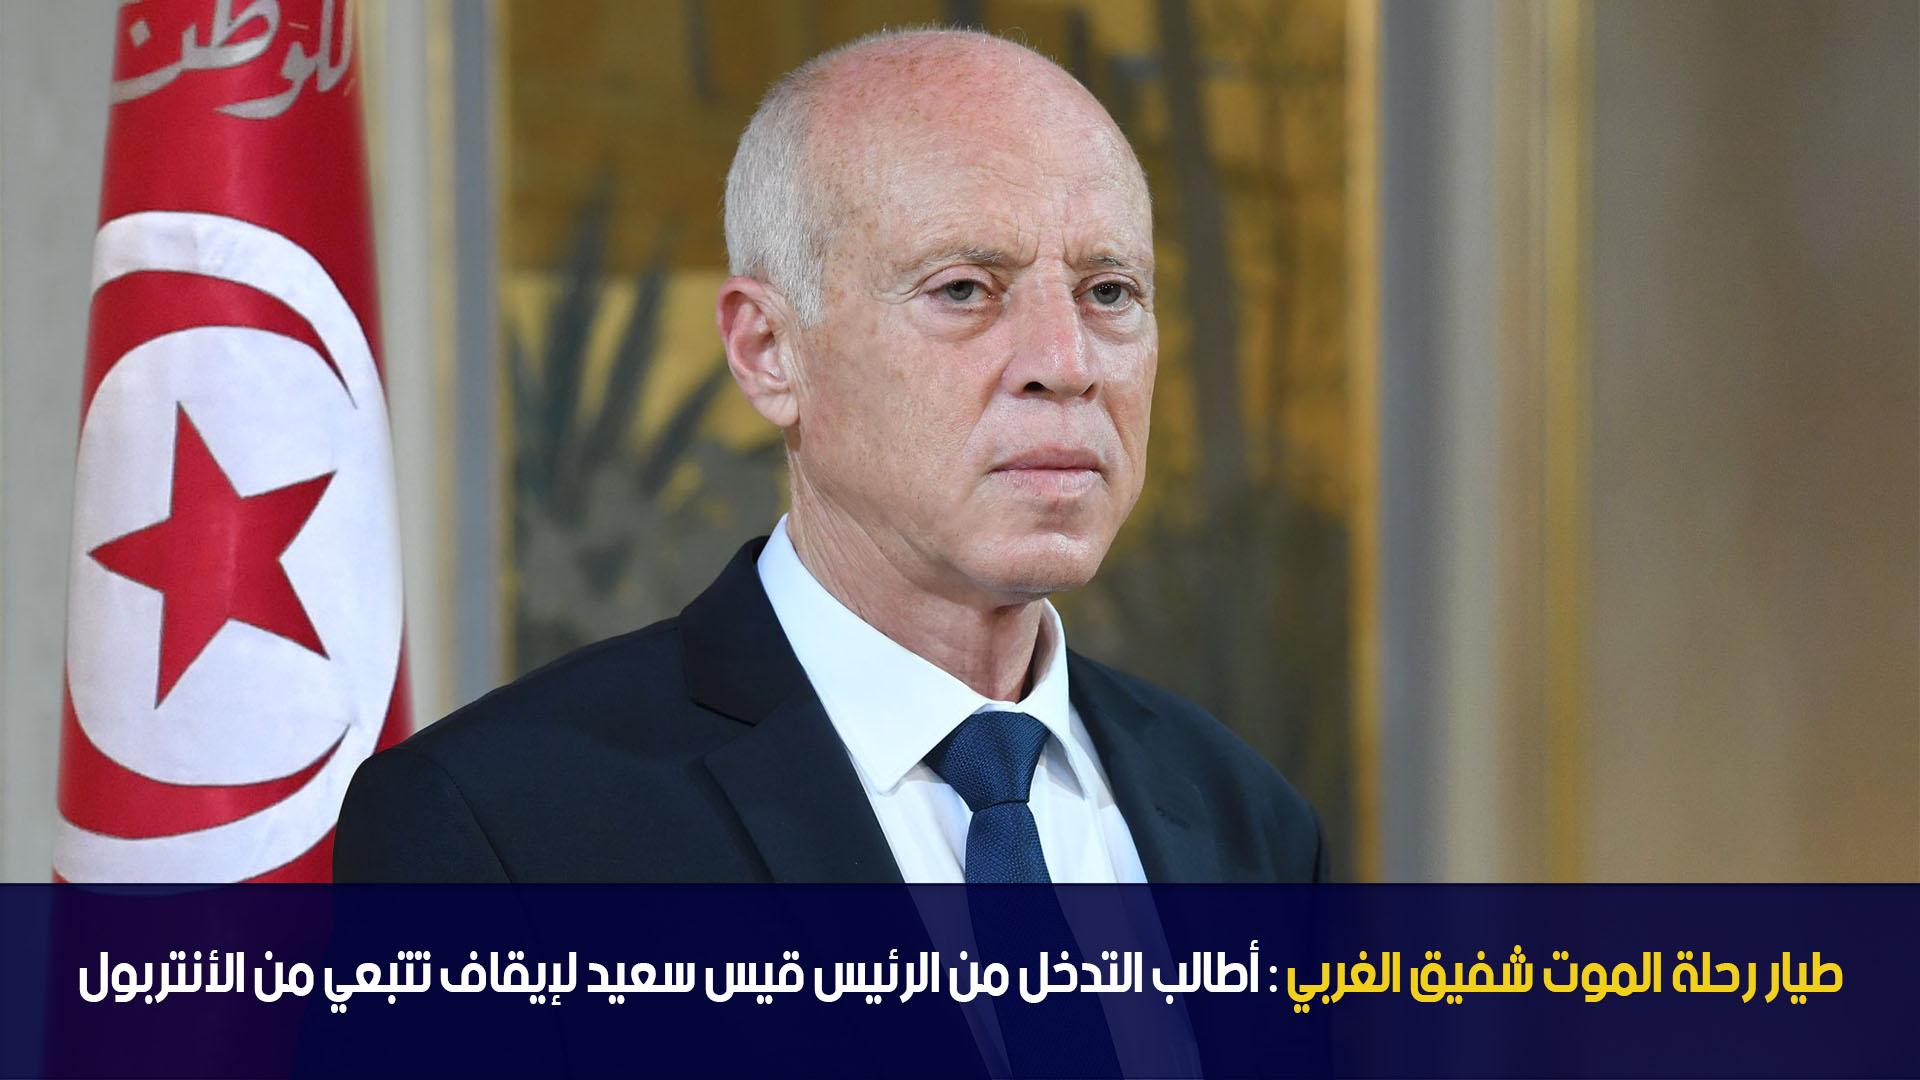 طيار رحلة الموت شفيق الغربي : أطالب التدخل من الرئيس قيس سعيد لإيقاف تتبعي من الأنتربول